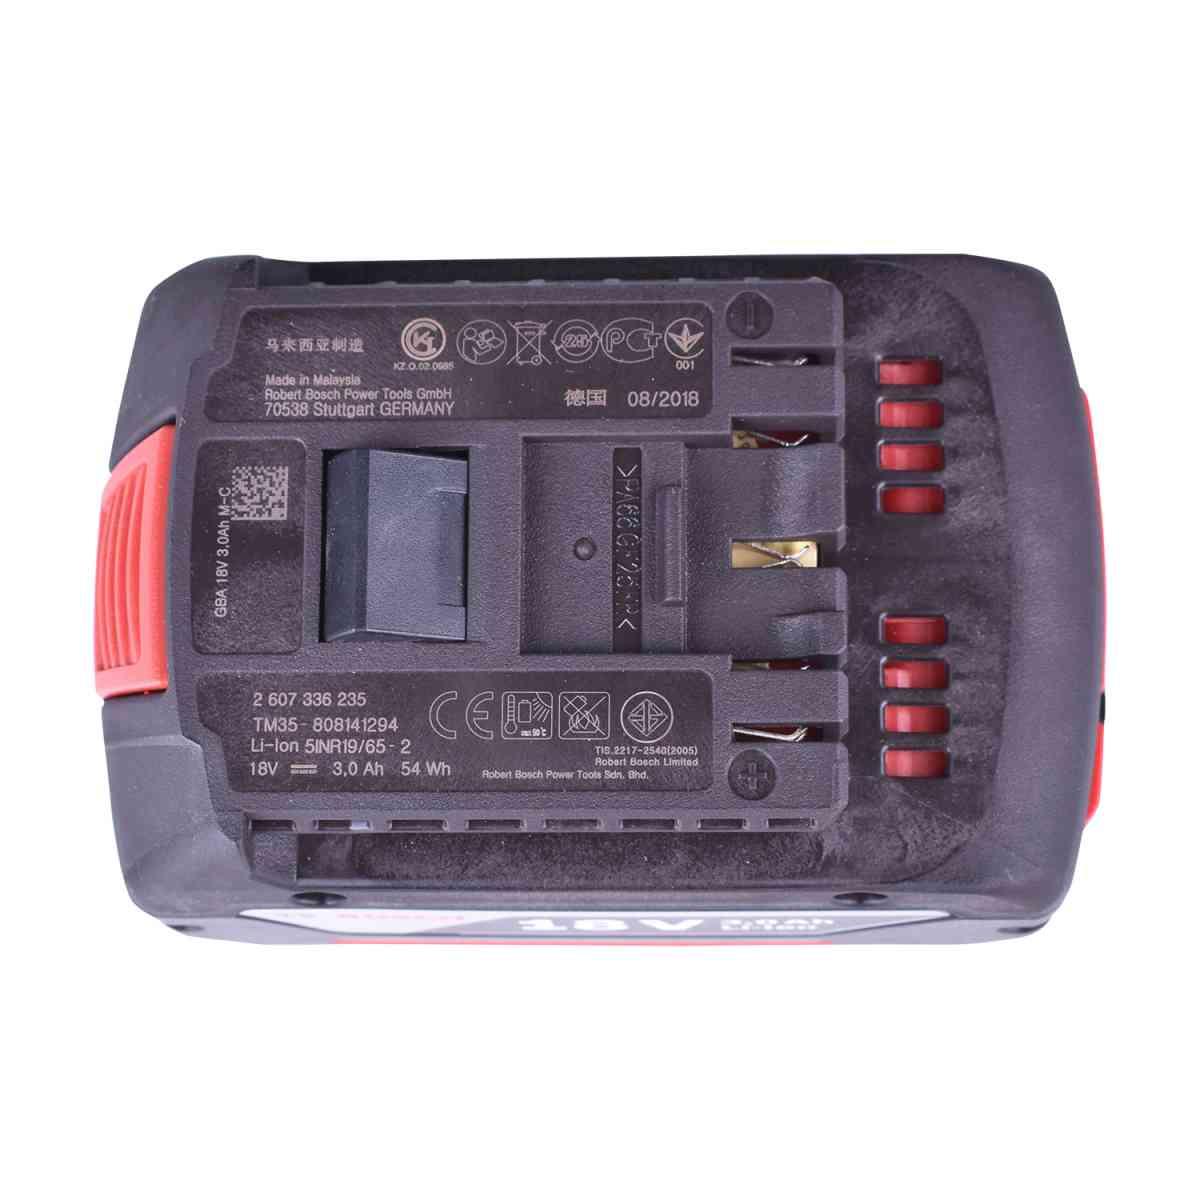 Martelete Perfurador Sds Gbh180-Li + Serra Sabre GSA18V-LI+ Carregador com 2 Baterias 18V + Bolsa Ferramentas Bosch